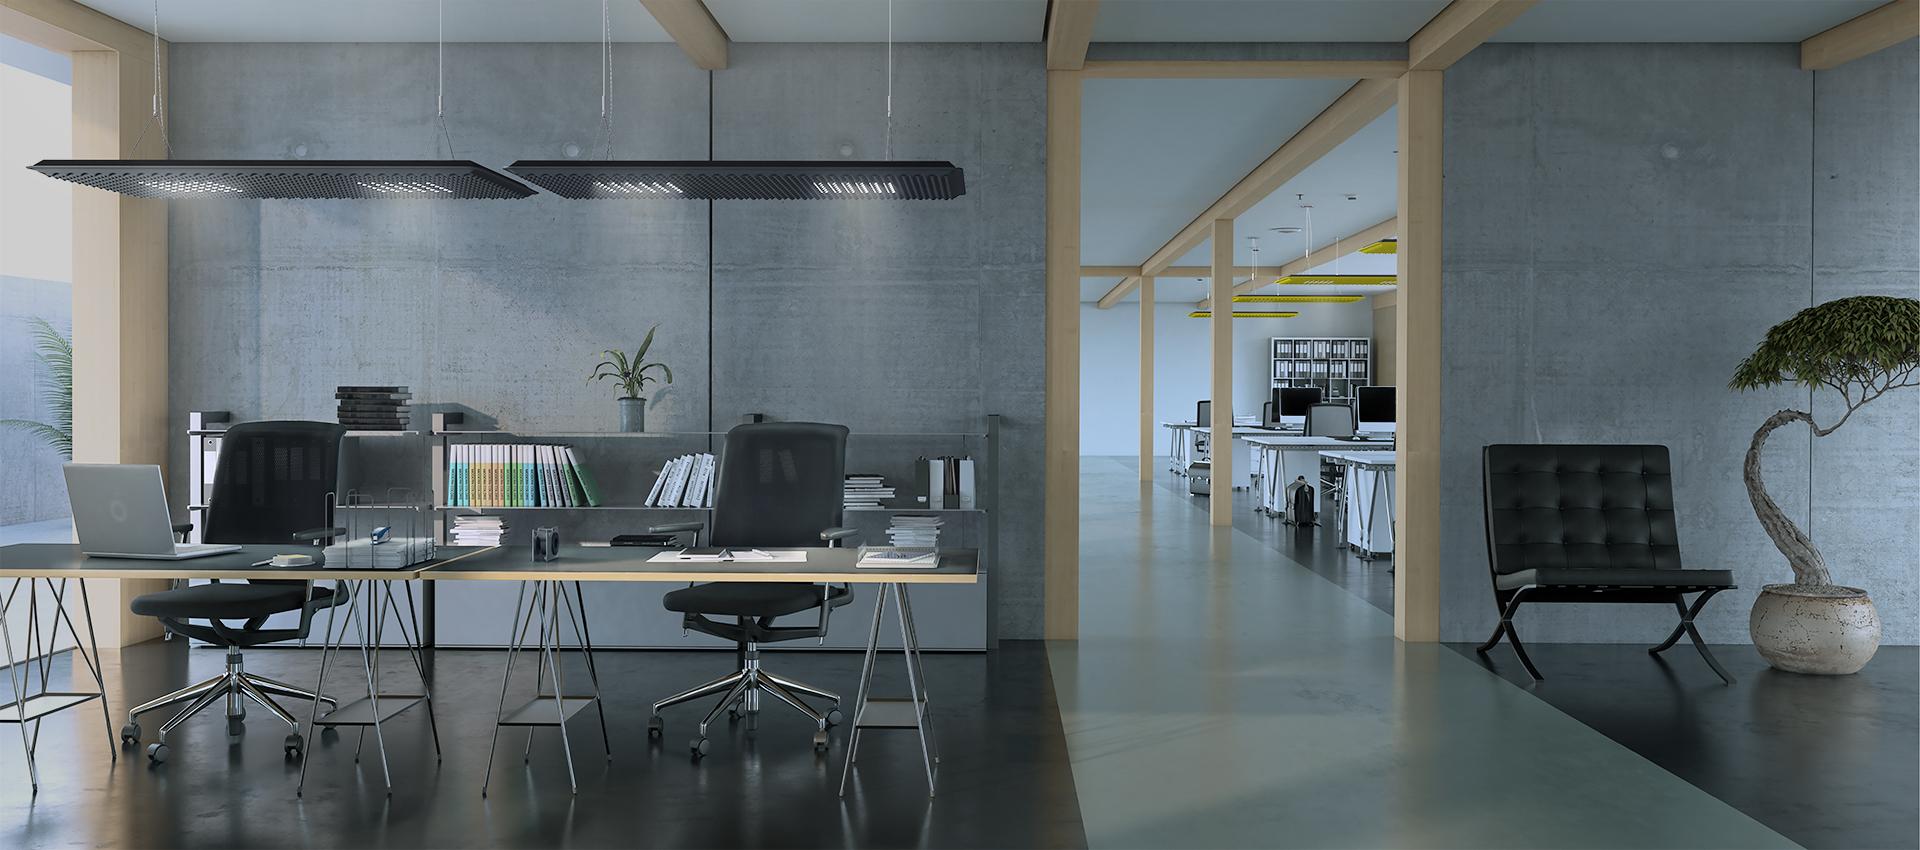 eggboard the acoustic light. Black Bedroom Furniture Sets. Home Design Ideas